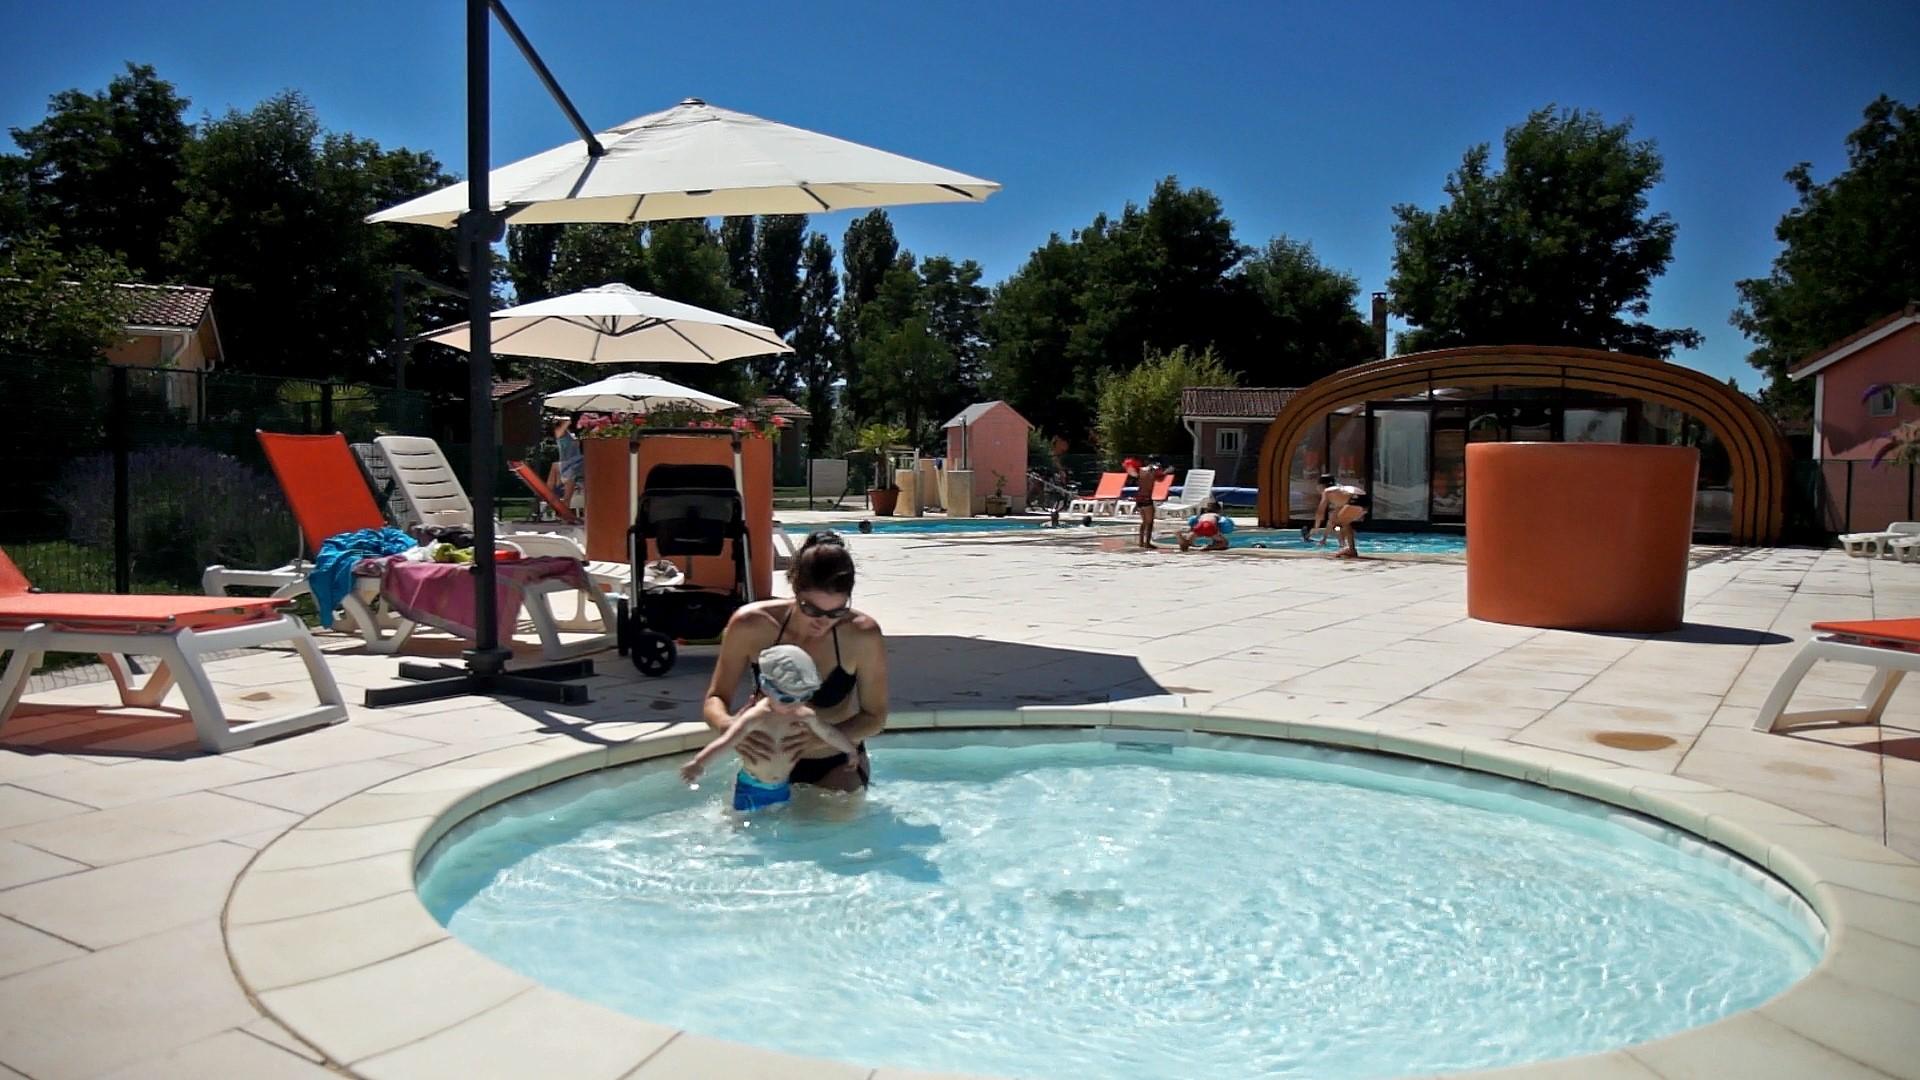 Location de g te avec une piscine chauff e en midi for Village vacances avec piscine couverte